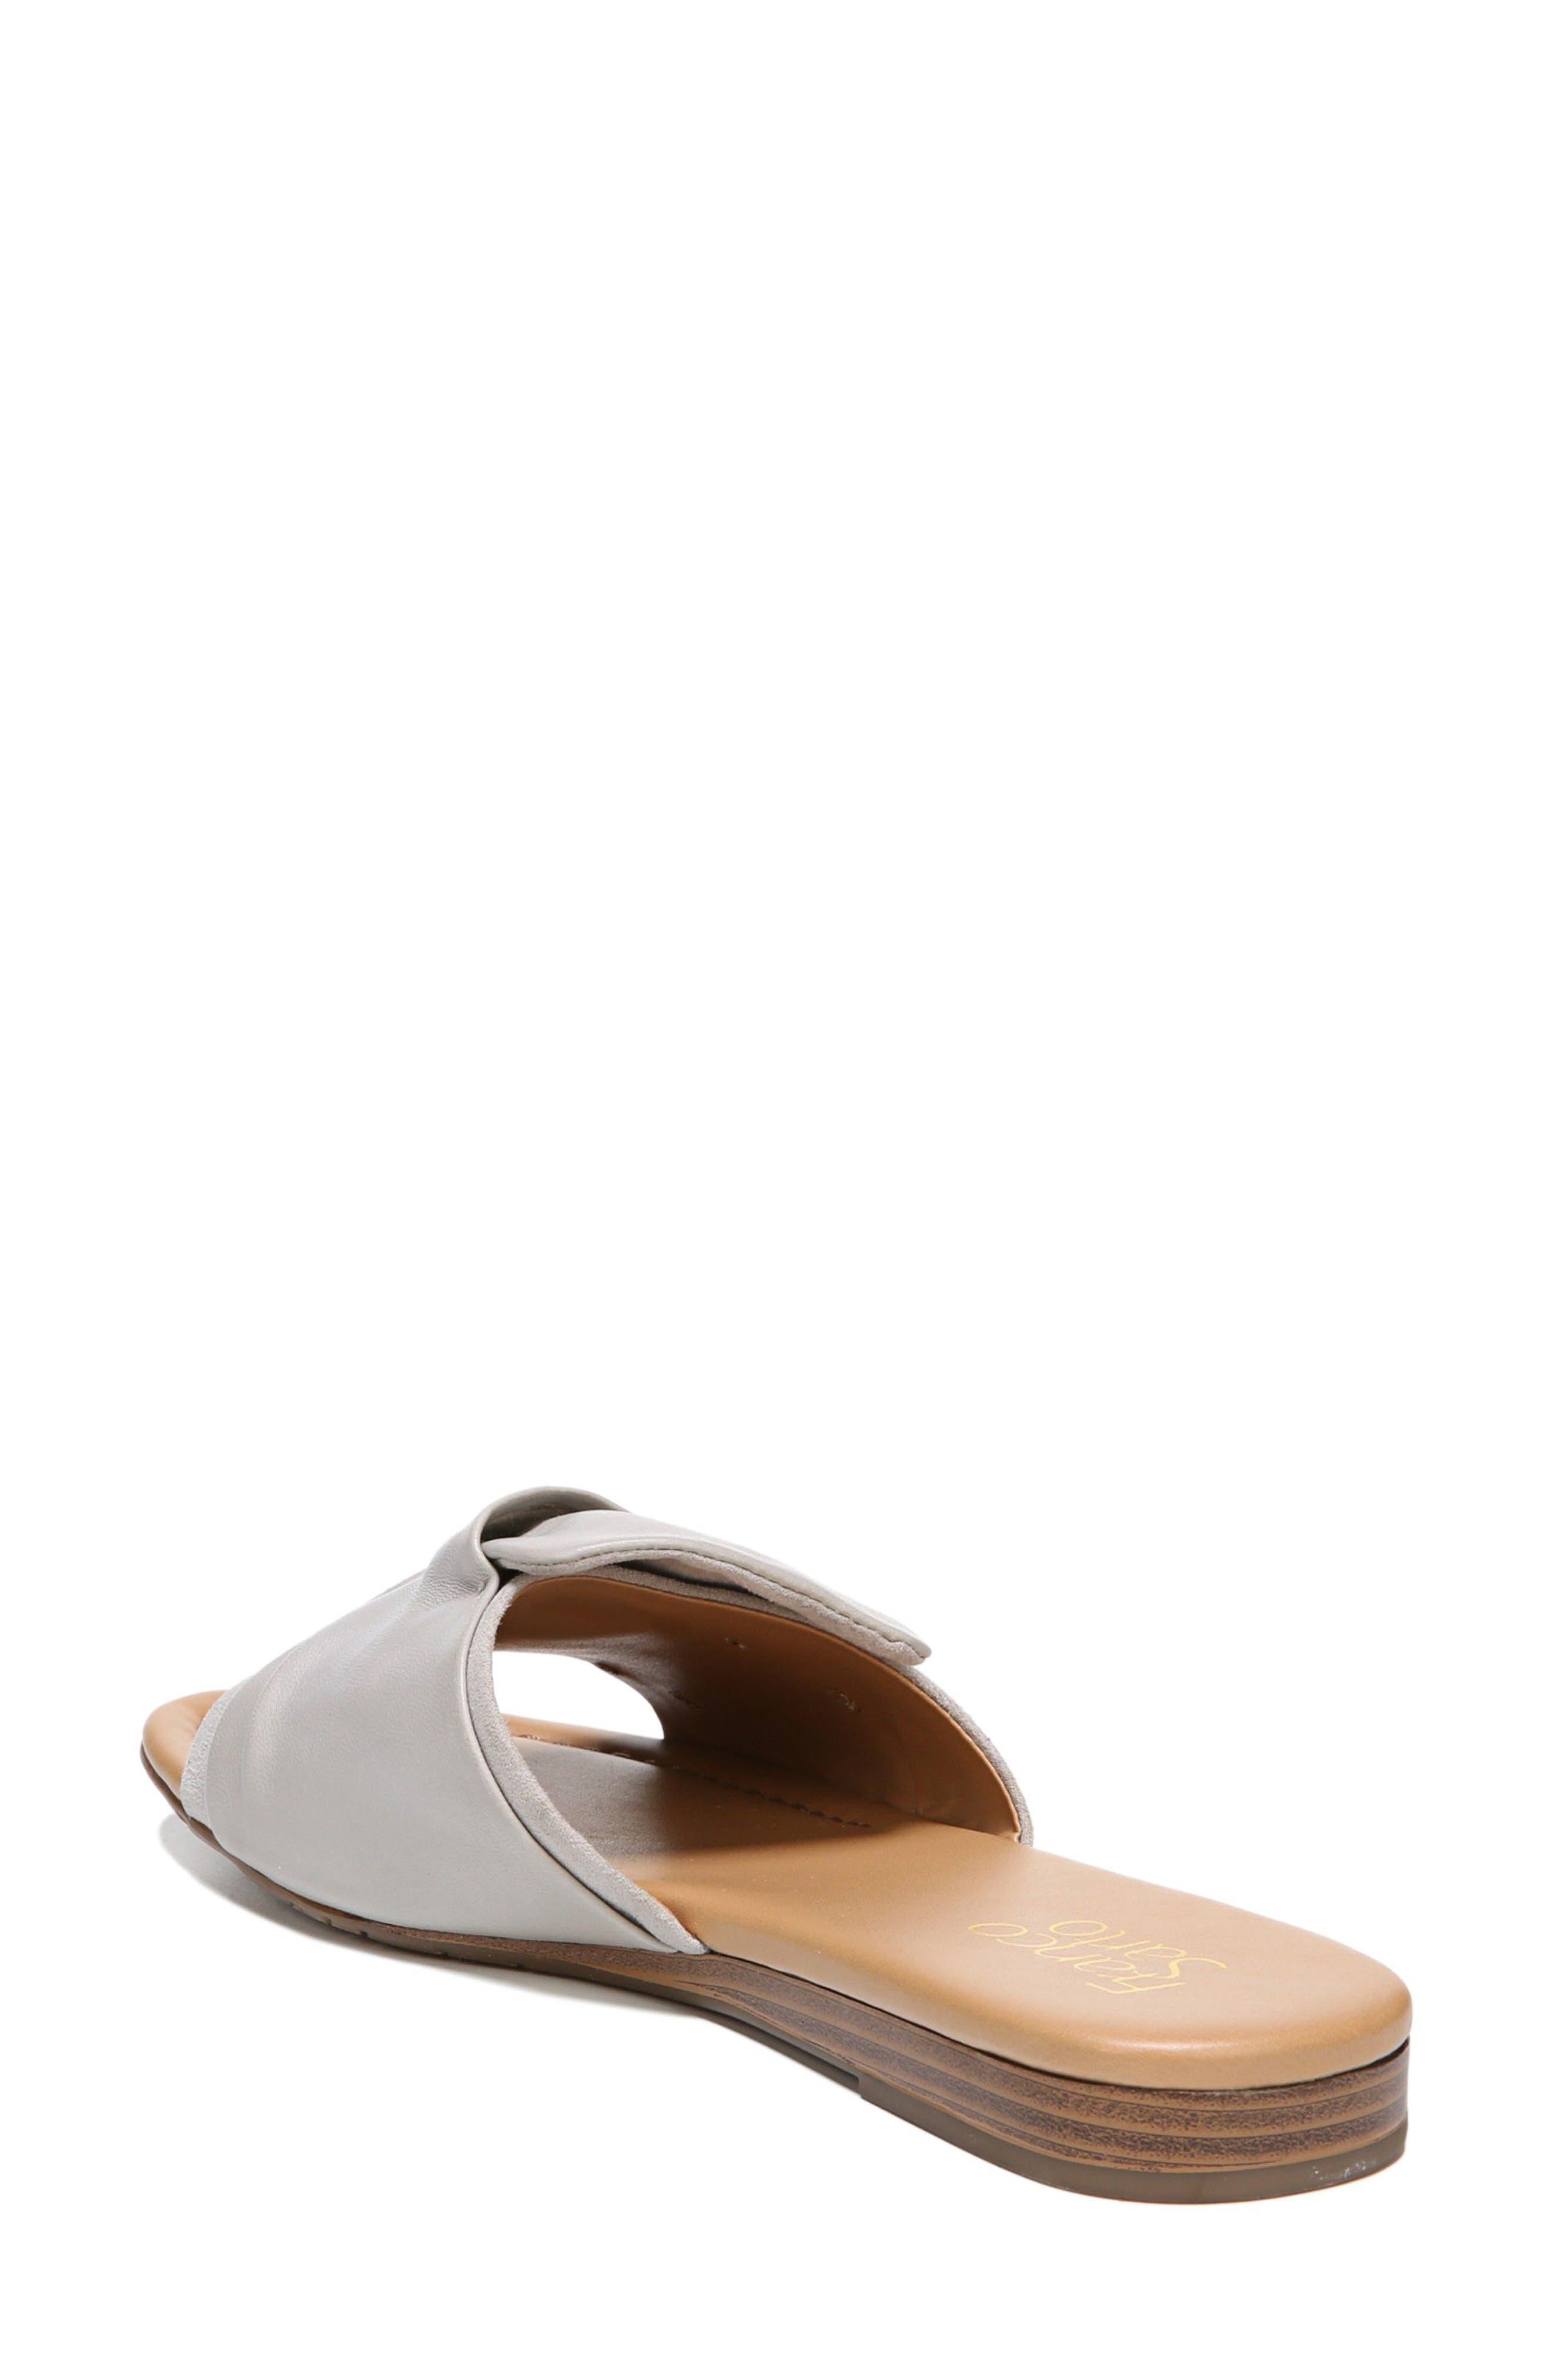 Gracelyn Slide Sandal,                             Alternate thumbnail 2, color,                             020